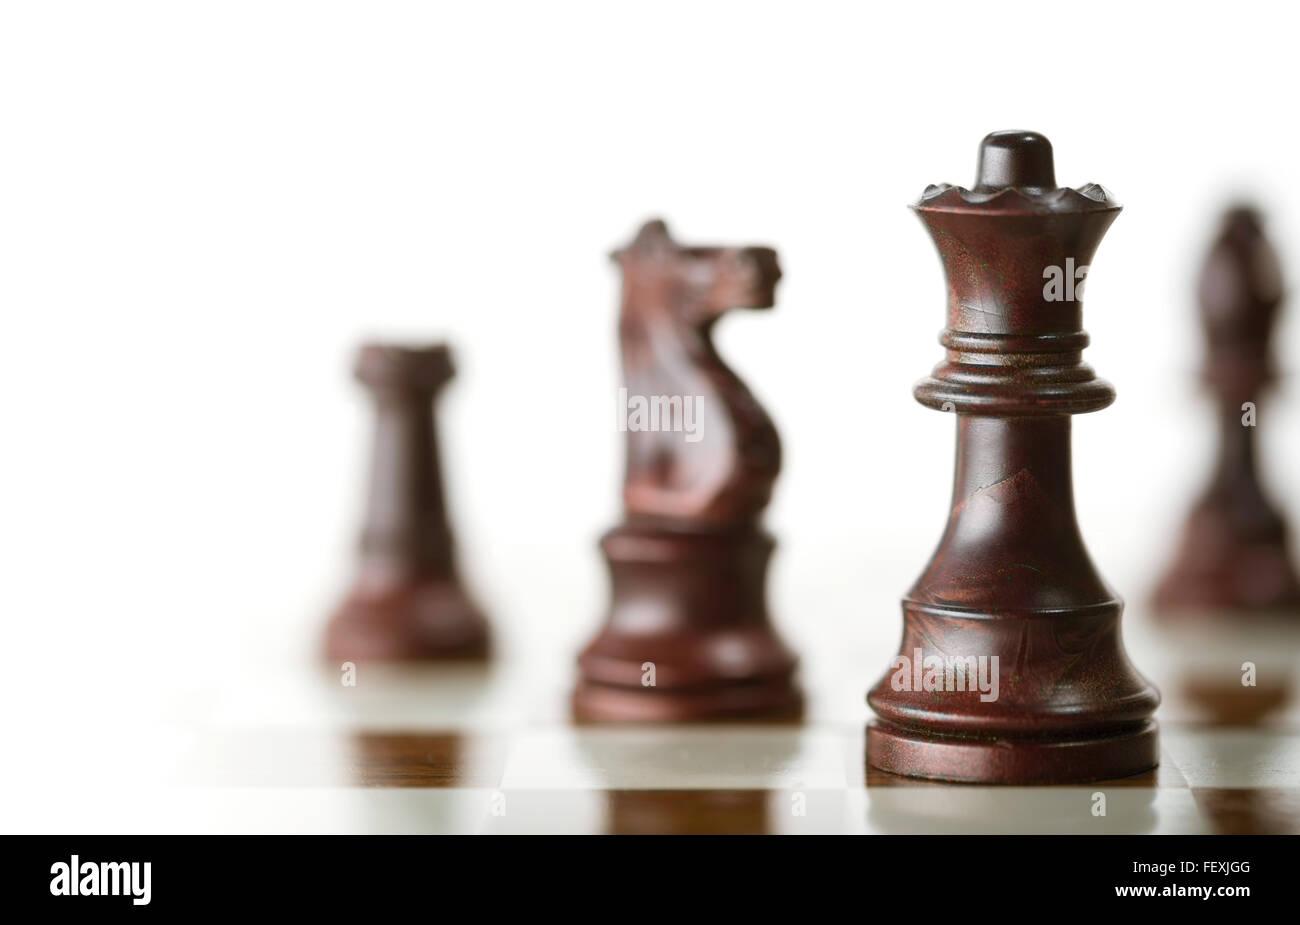 L'immagine orizzontale di una partita a scacchi con il focus sulla regina e una sfocata pezzi su sfondo bianco, Foto Stock